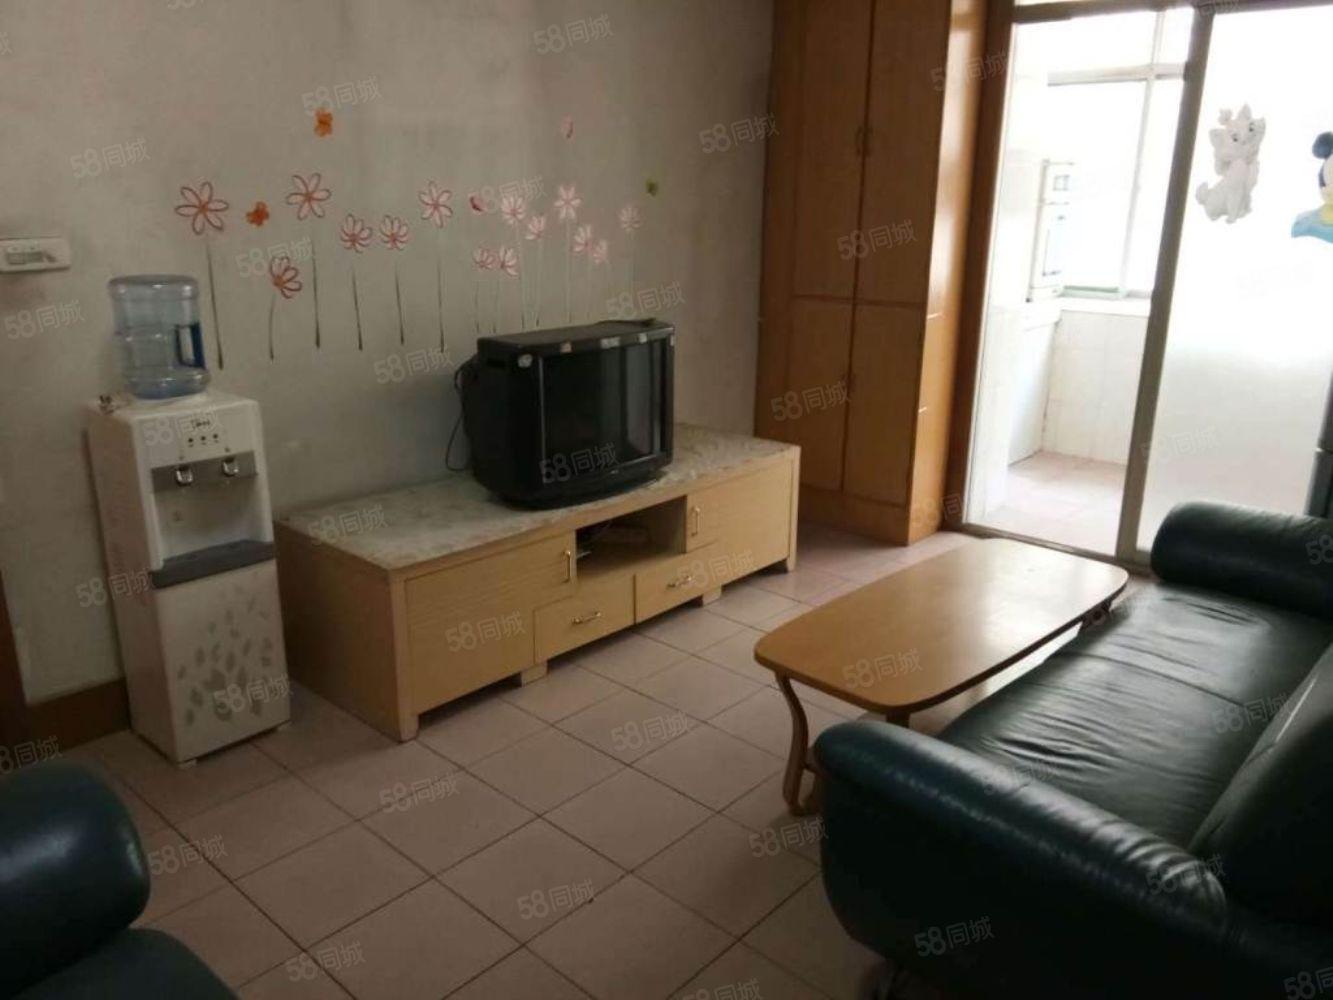 人民西路电建小区两室一楼家具家电齐全房出租环境好交通方便